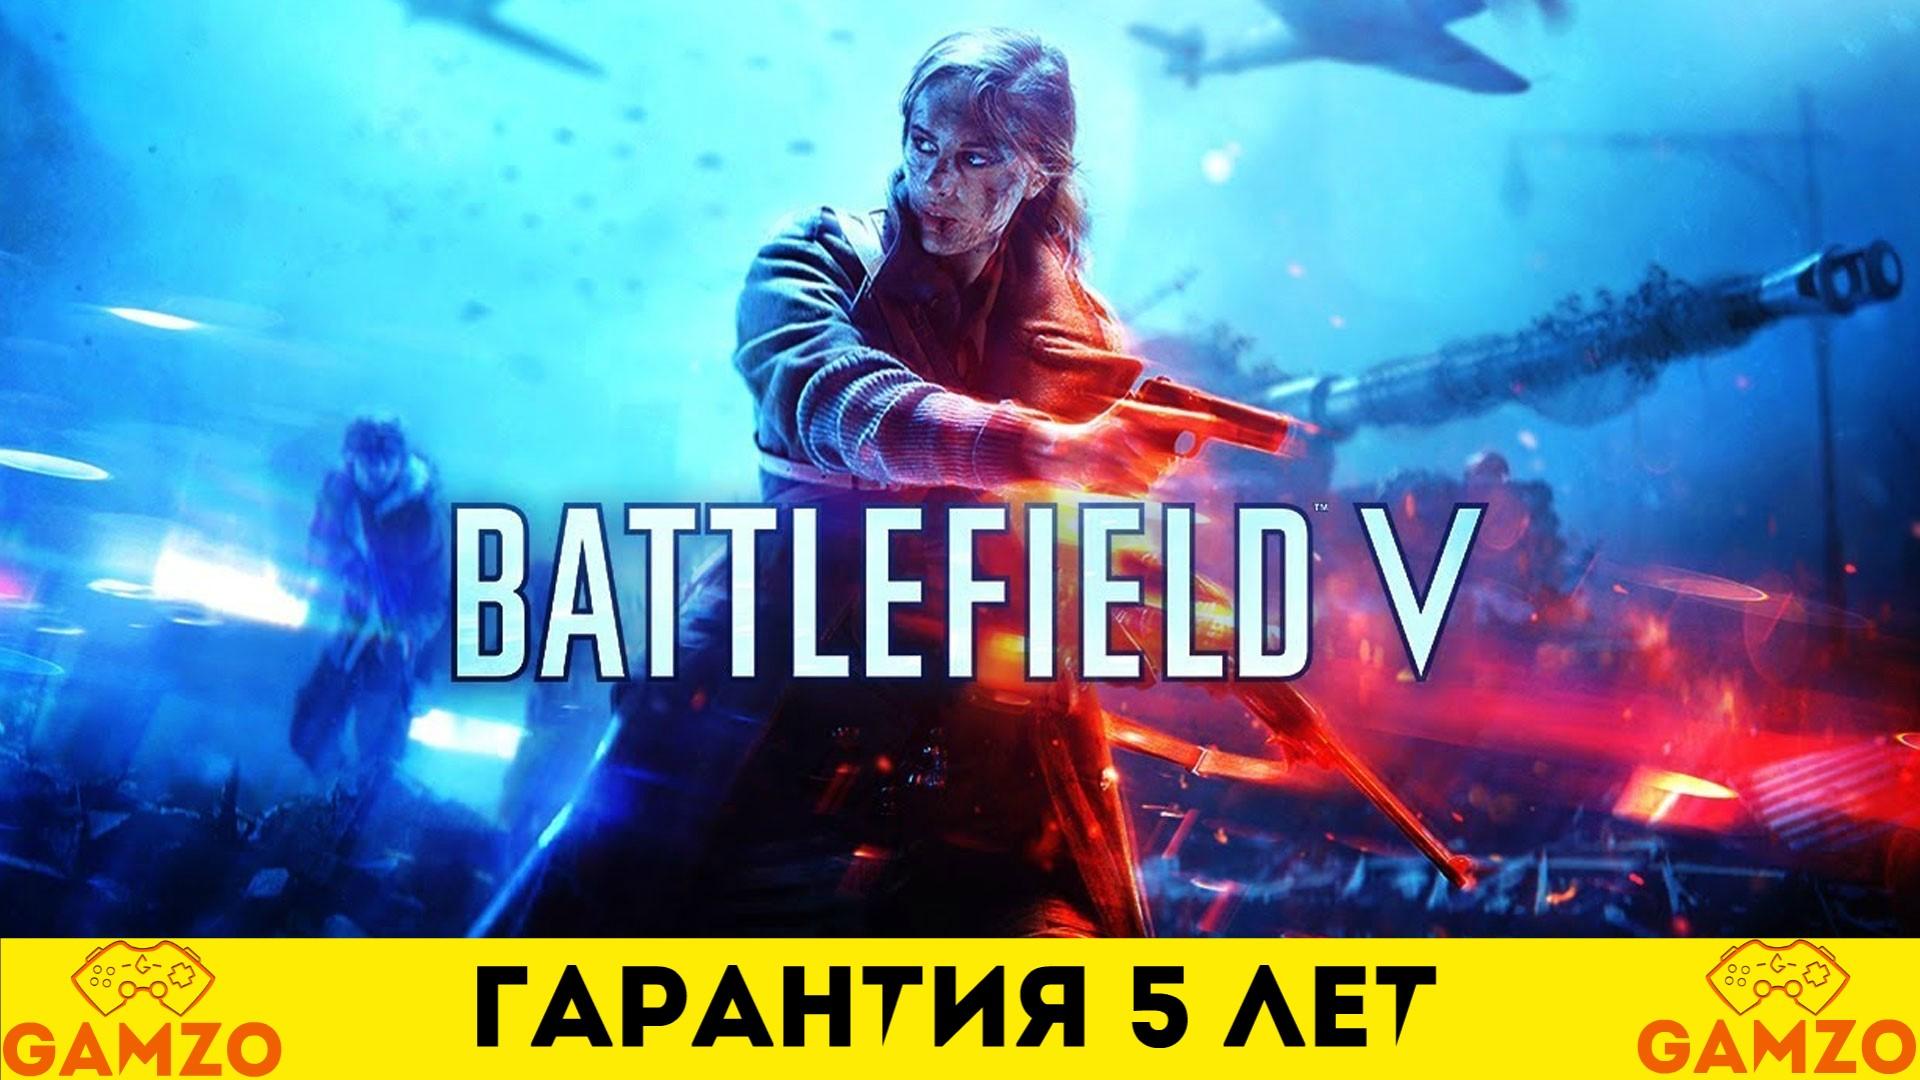 Фотография battlefield v deluxe | гарантия 5 лет | + подарок bf1